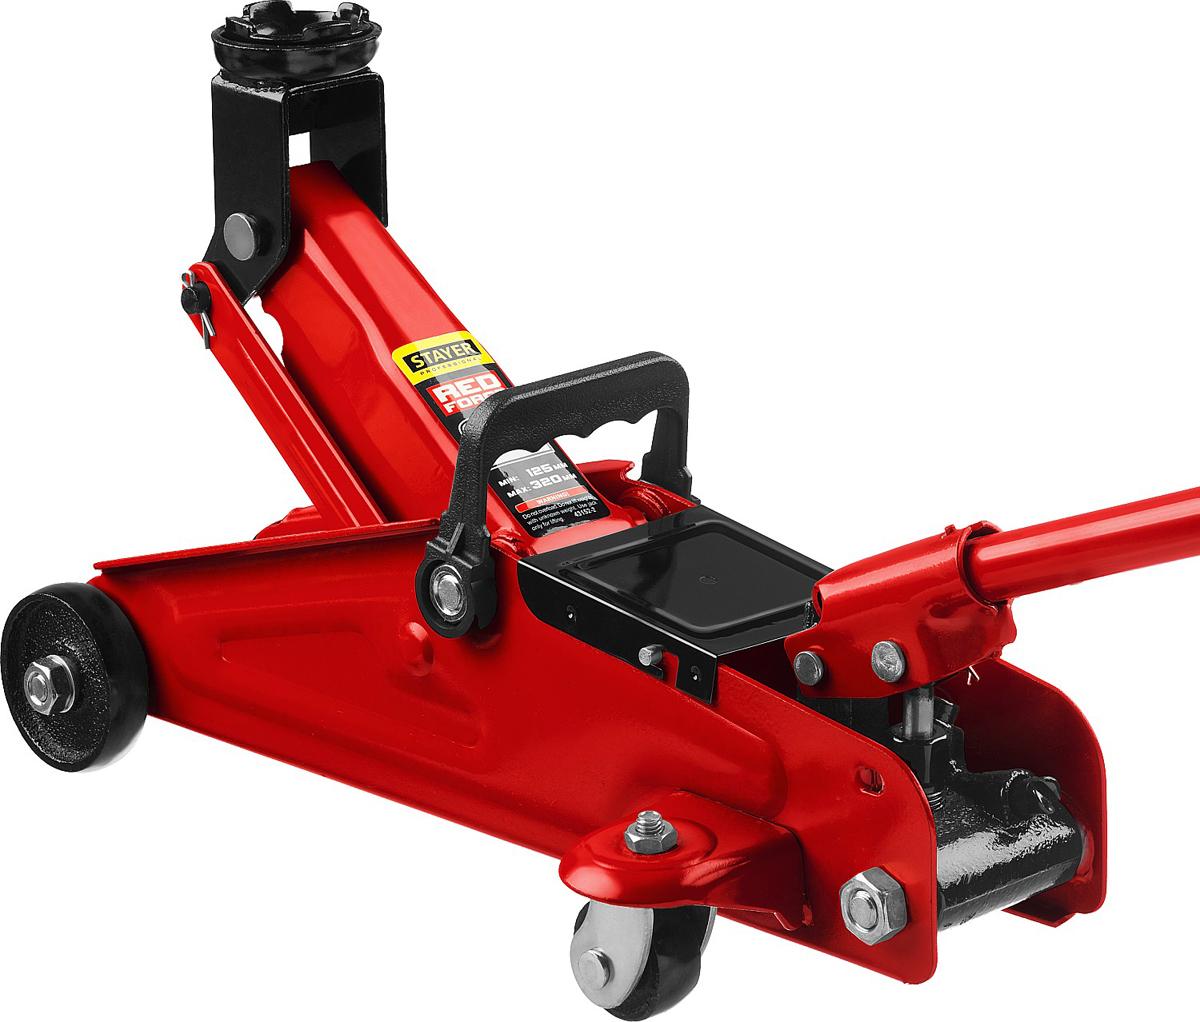 Домкрат Stayer Red Force, гидравлический подкатной, 2 т, высота подъема 12,5-32 см домкрат stayer red force гидравлический бутылочный 25 т высота подъема 24 37 5 см